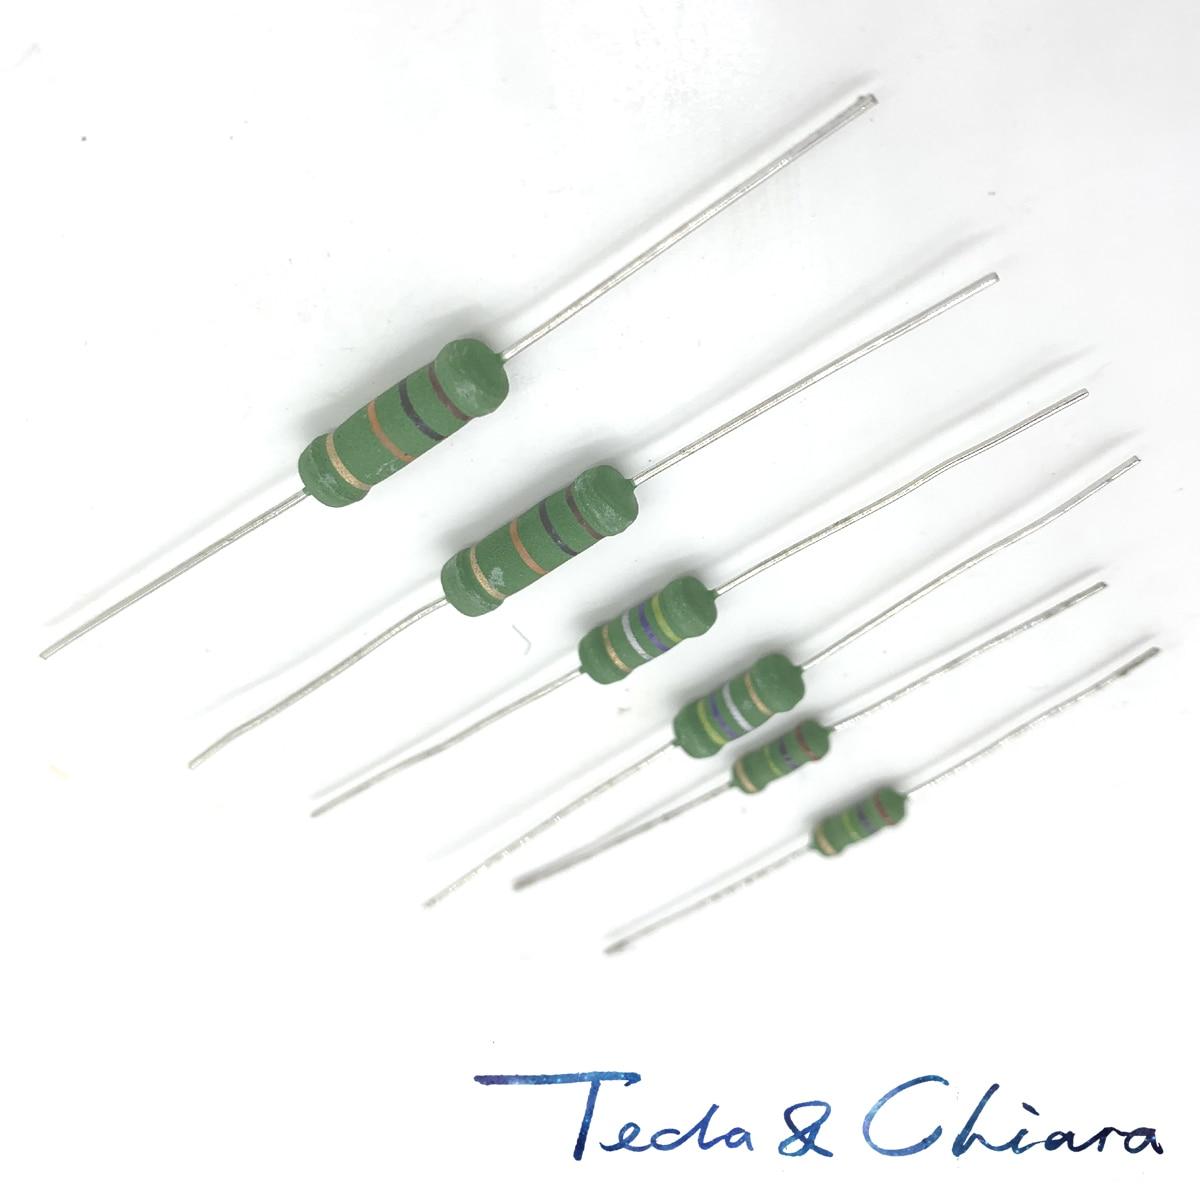 100 Widerstand 34KOhm MF0207 Metallfilm resistors 34K 0,6W TK50 1/% 033033